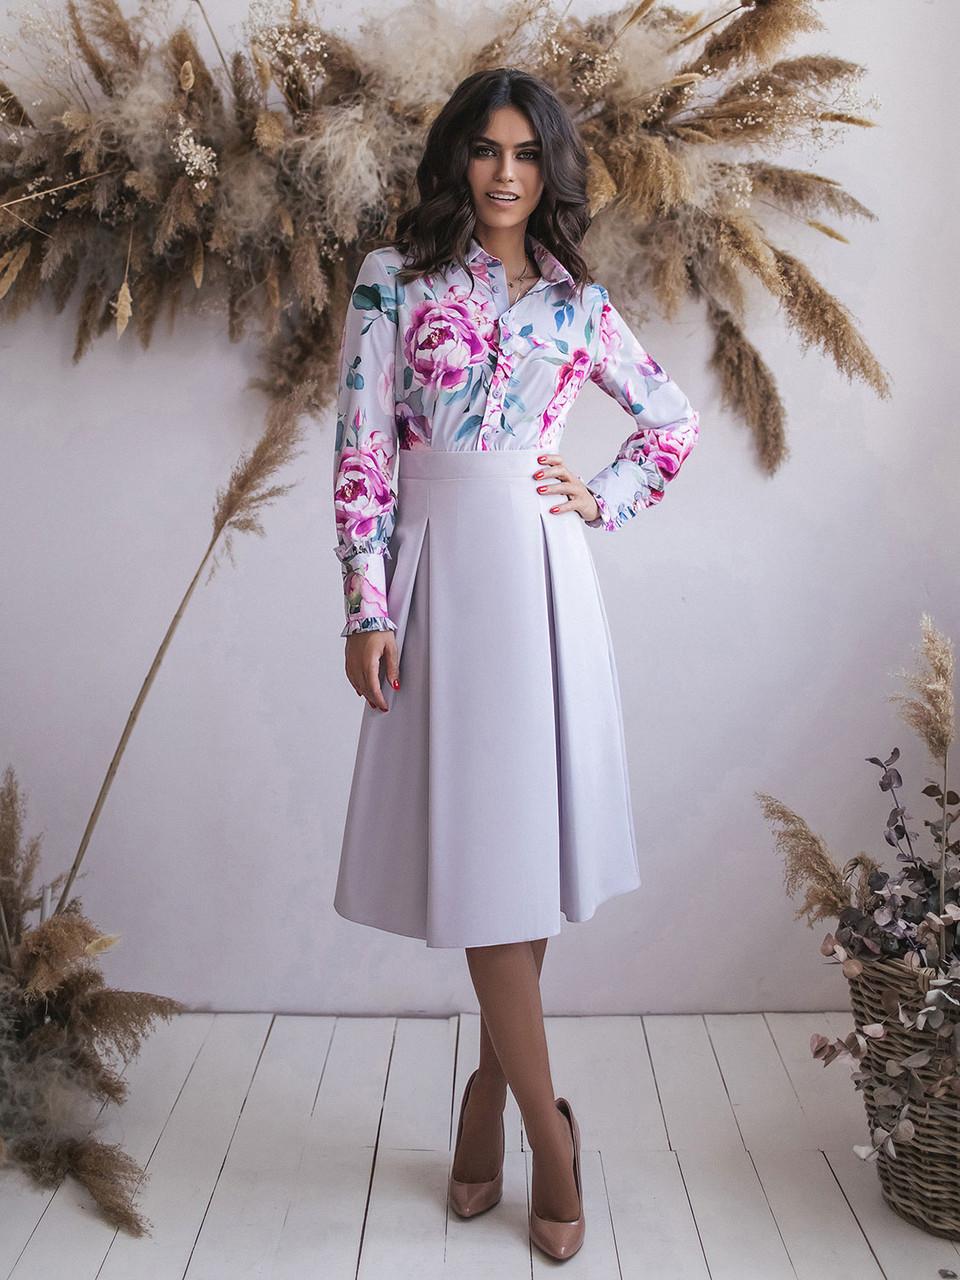 Светло-серое Платье с имитацией блузки